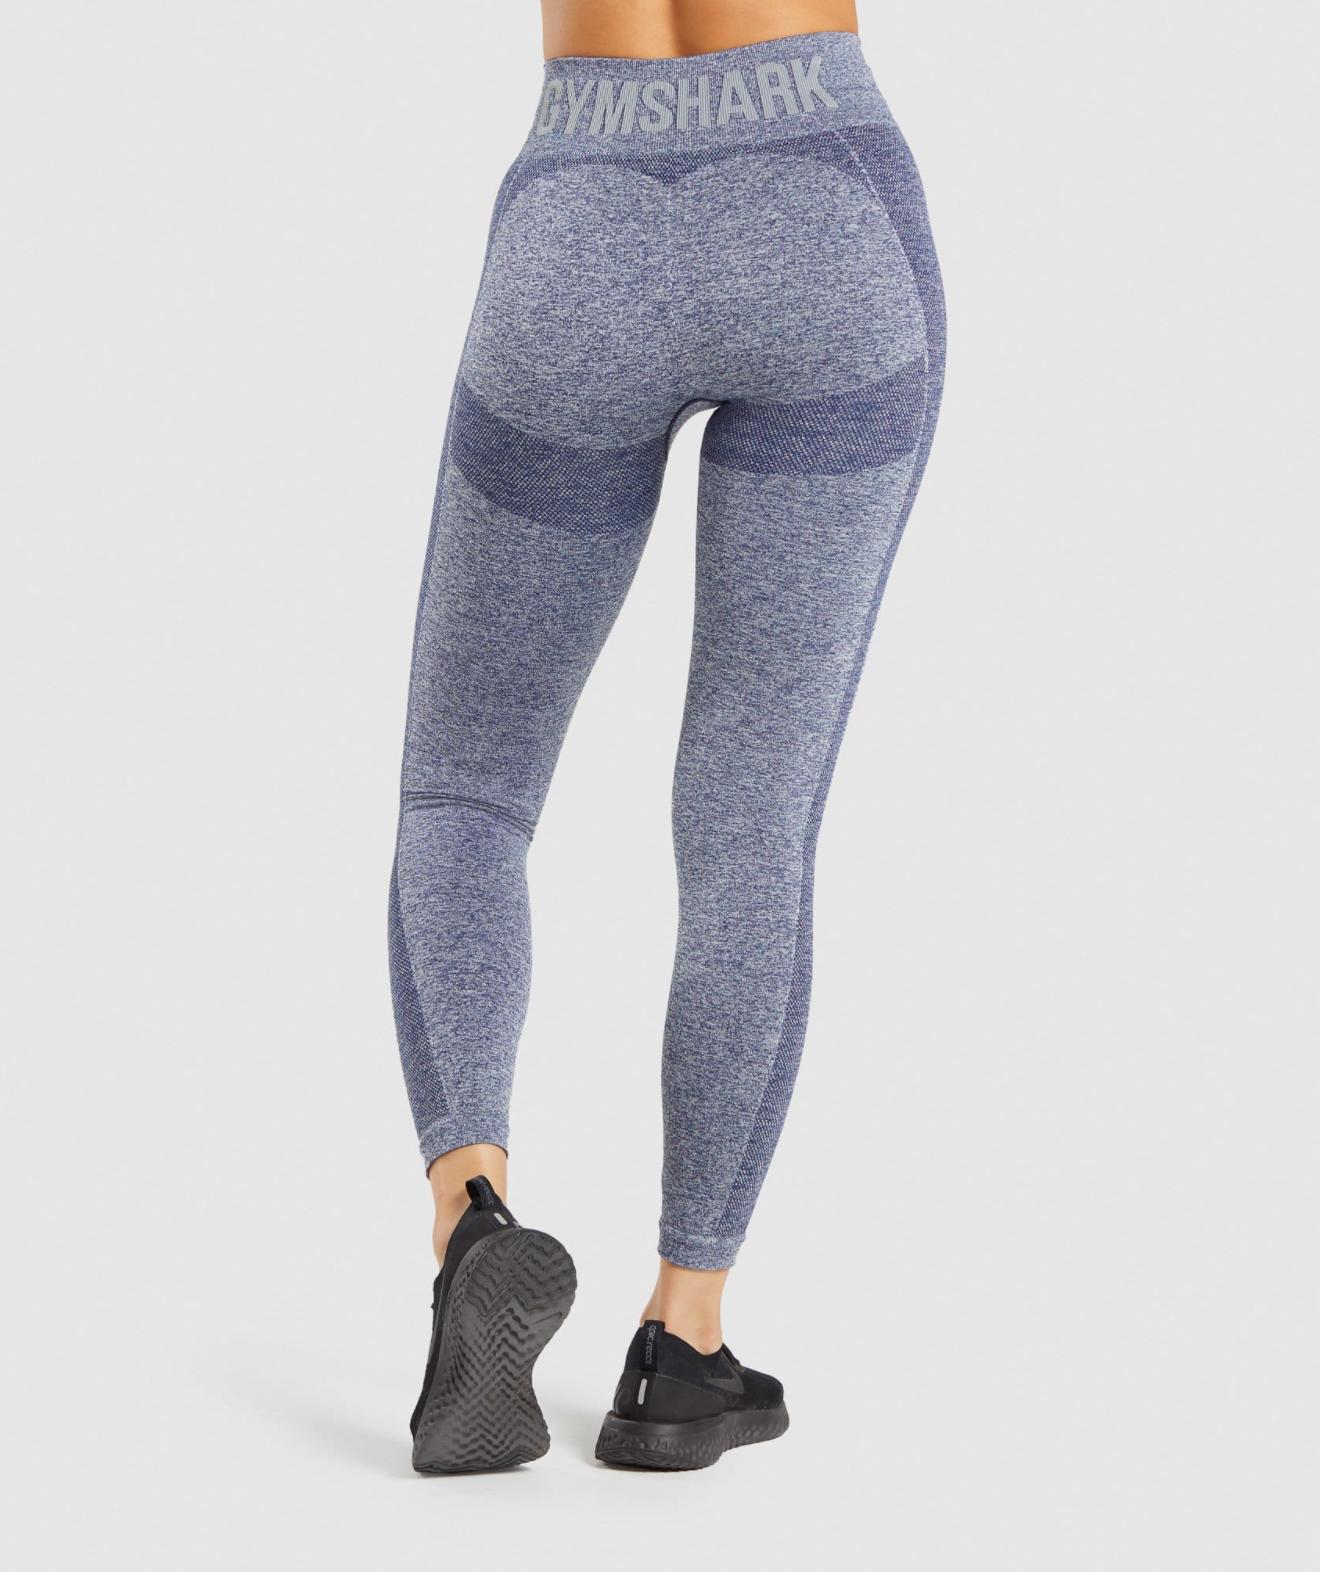 Gymshark flex high waisted leggings navy